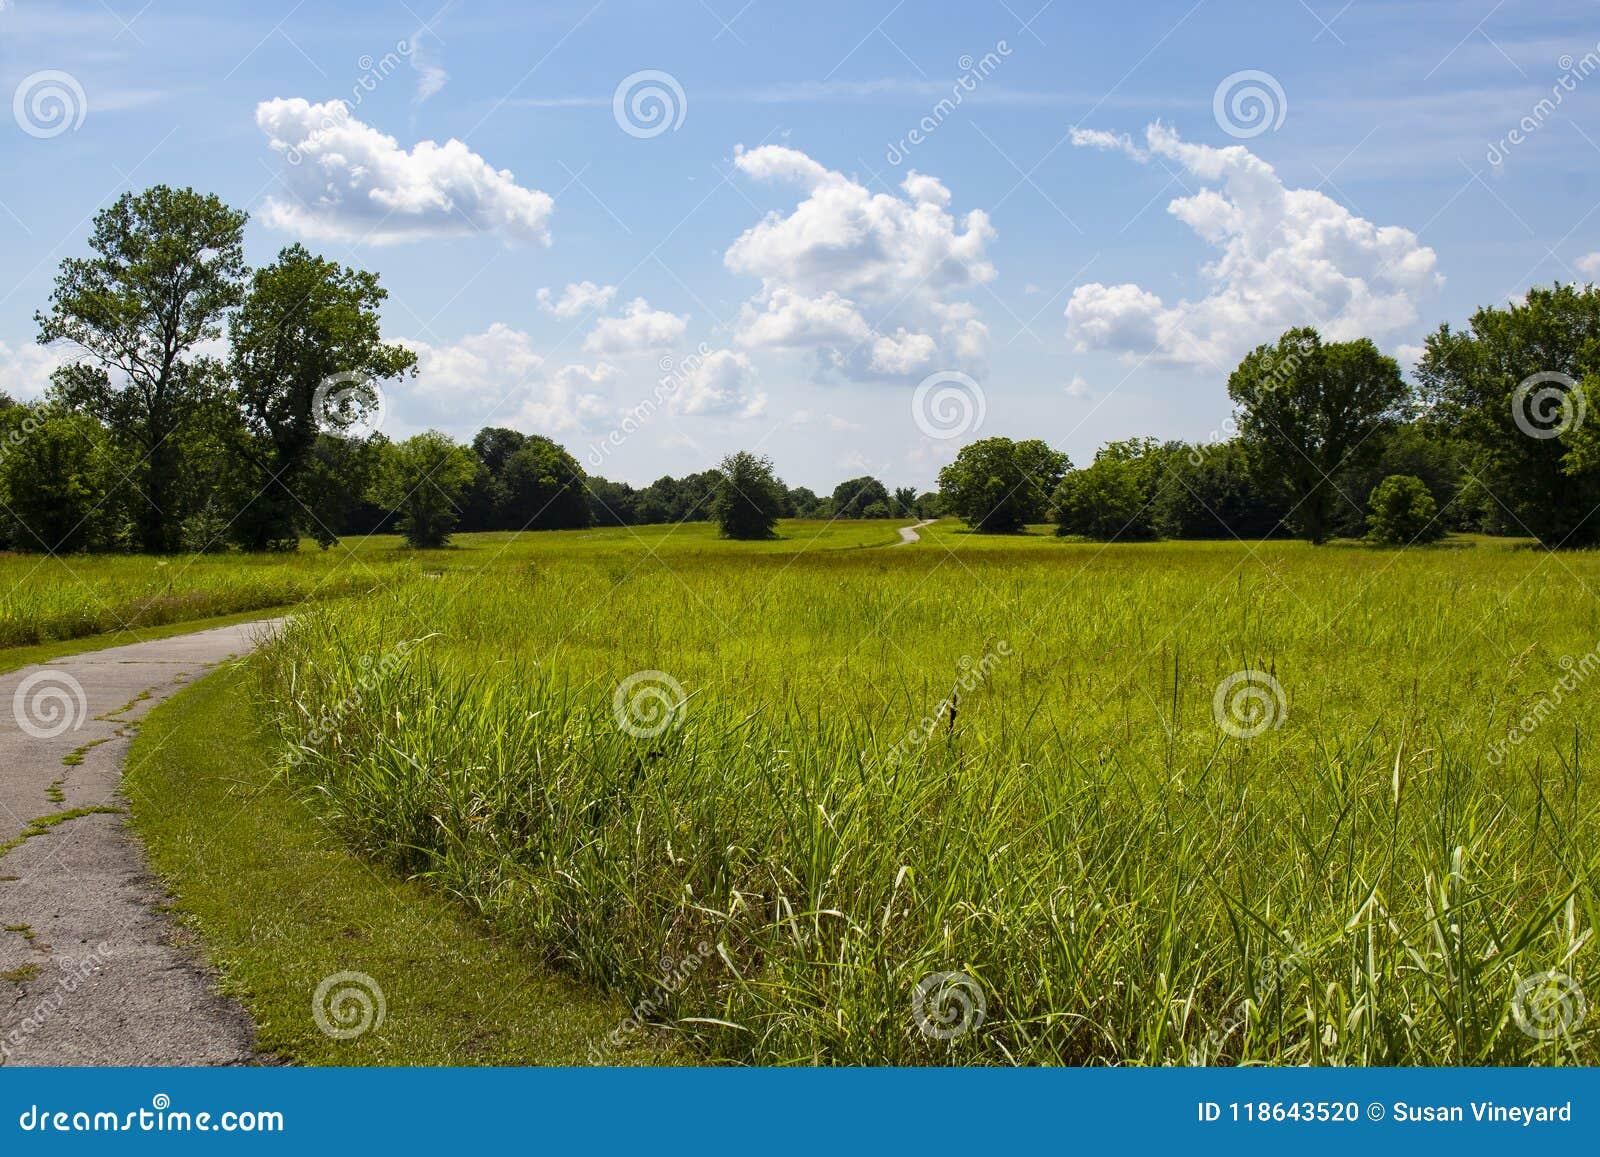 Άνεμος καμπύλες πορειών μέσω του λιβαδιού της χλόης και από τα πράσινα δέντρα και επάνω πέρα από το λόφο όλα κάτω από τον όμορφο